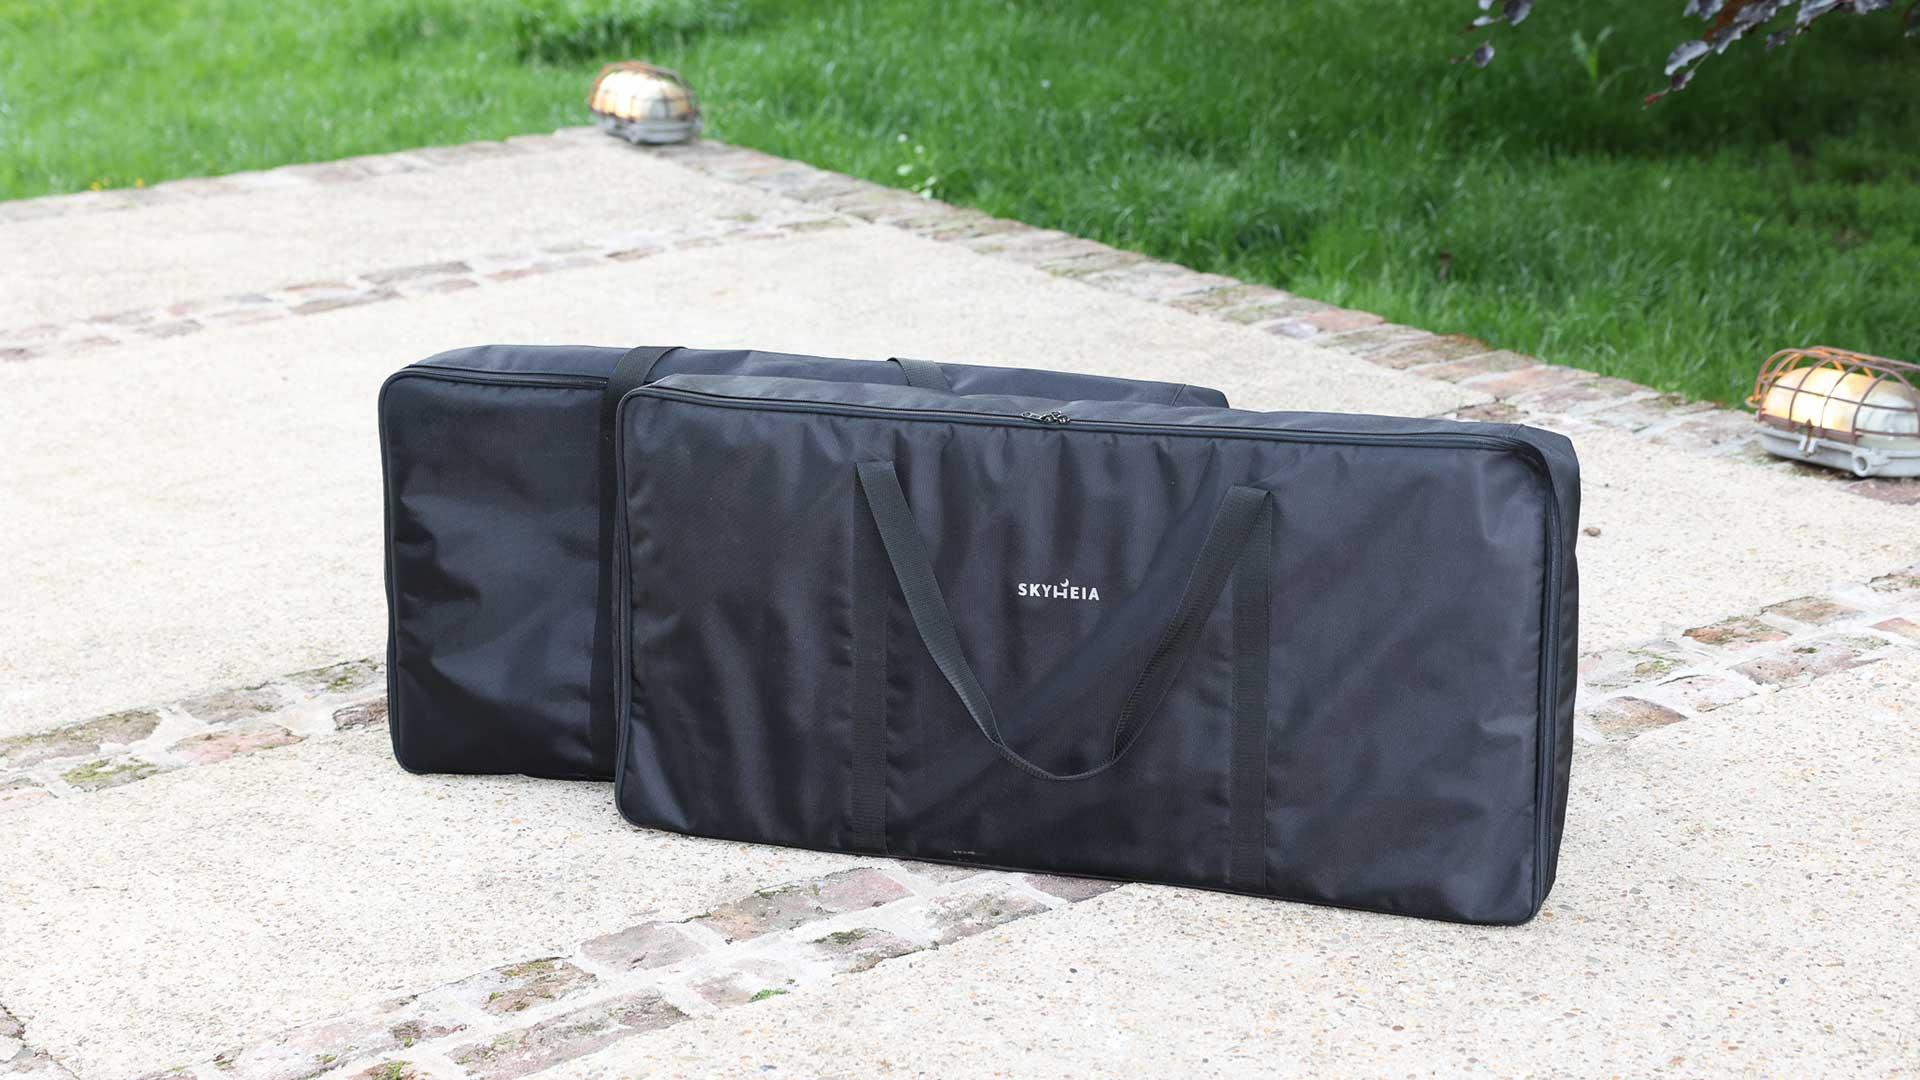 Für unser Outdoor-Bett haben wir zwei besonders hochwertige Taschen entwickelt. Sie bestehen aus Polyester-Gewebe mit besonders hoher Abrieb- und Reißfestigkeit und sind wasser-, öl- und schmutzabweisend. So ist Dein Bett beim Transport bestens geschützt und lässt sich zudem sicher lagern.